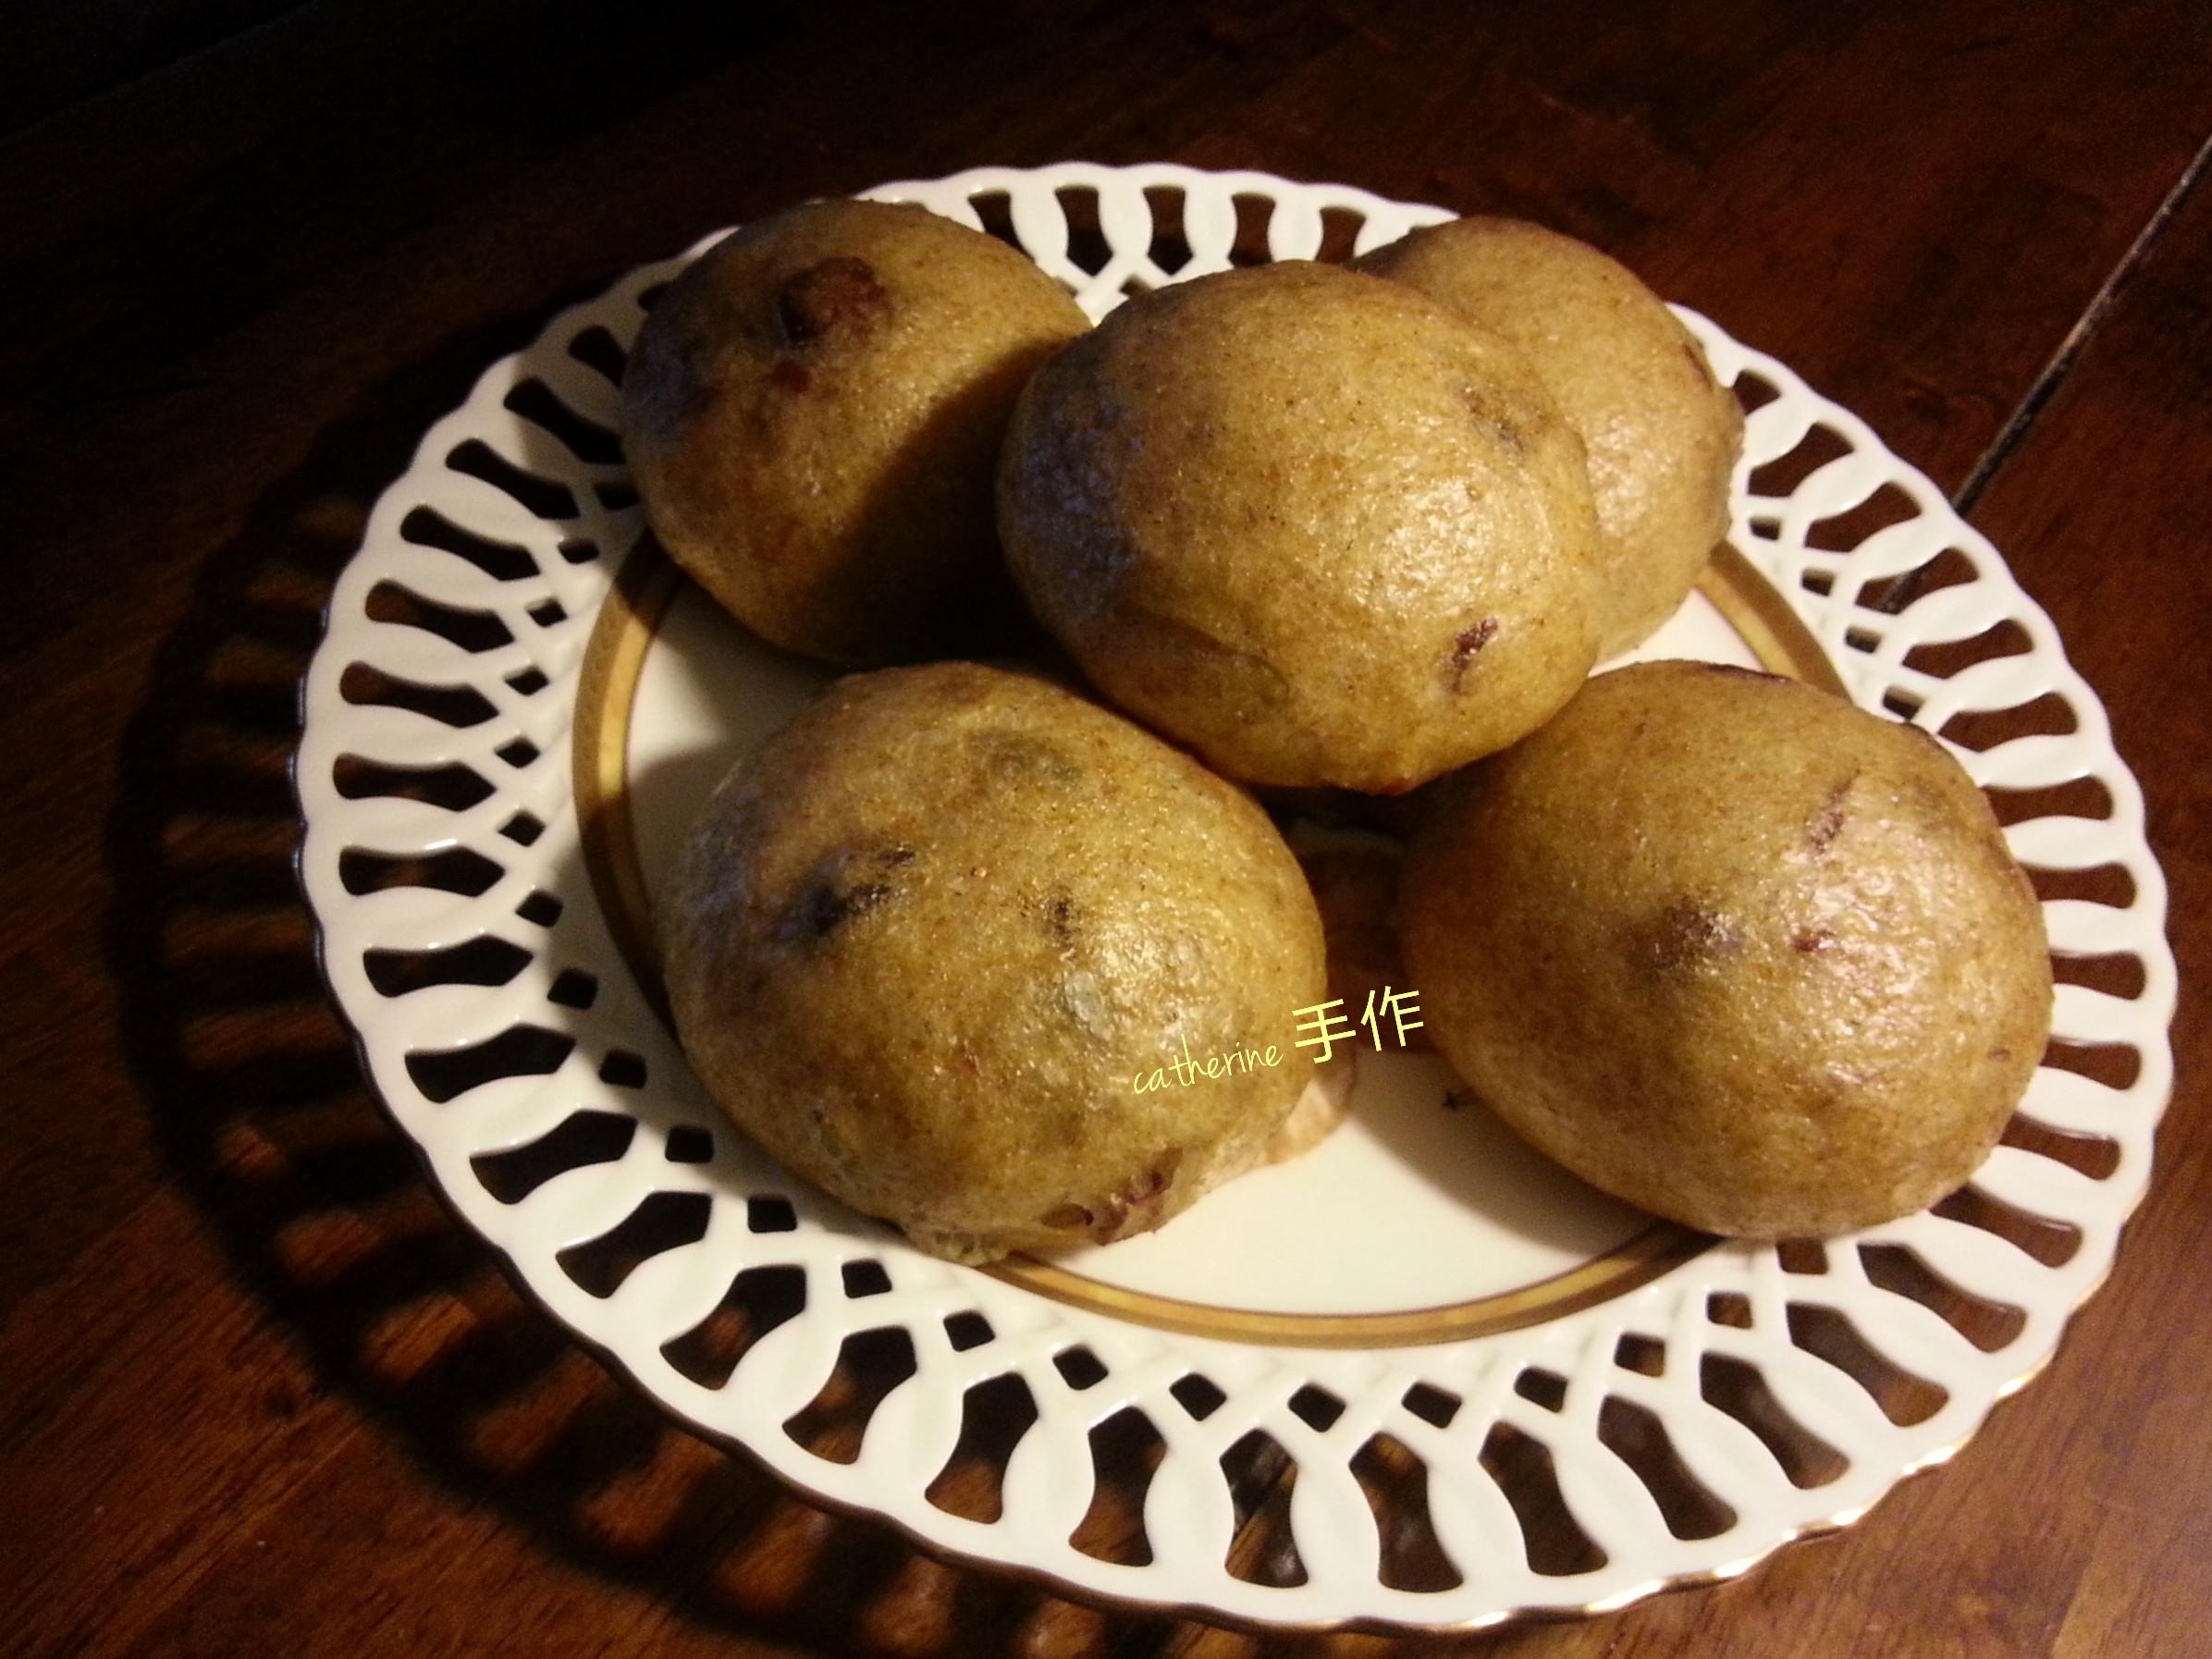 天然酵母裸麥黑糖堅果饅頭